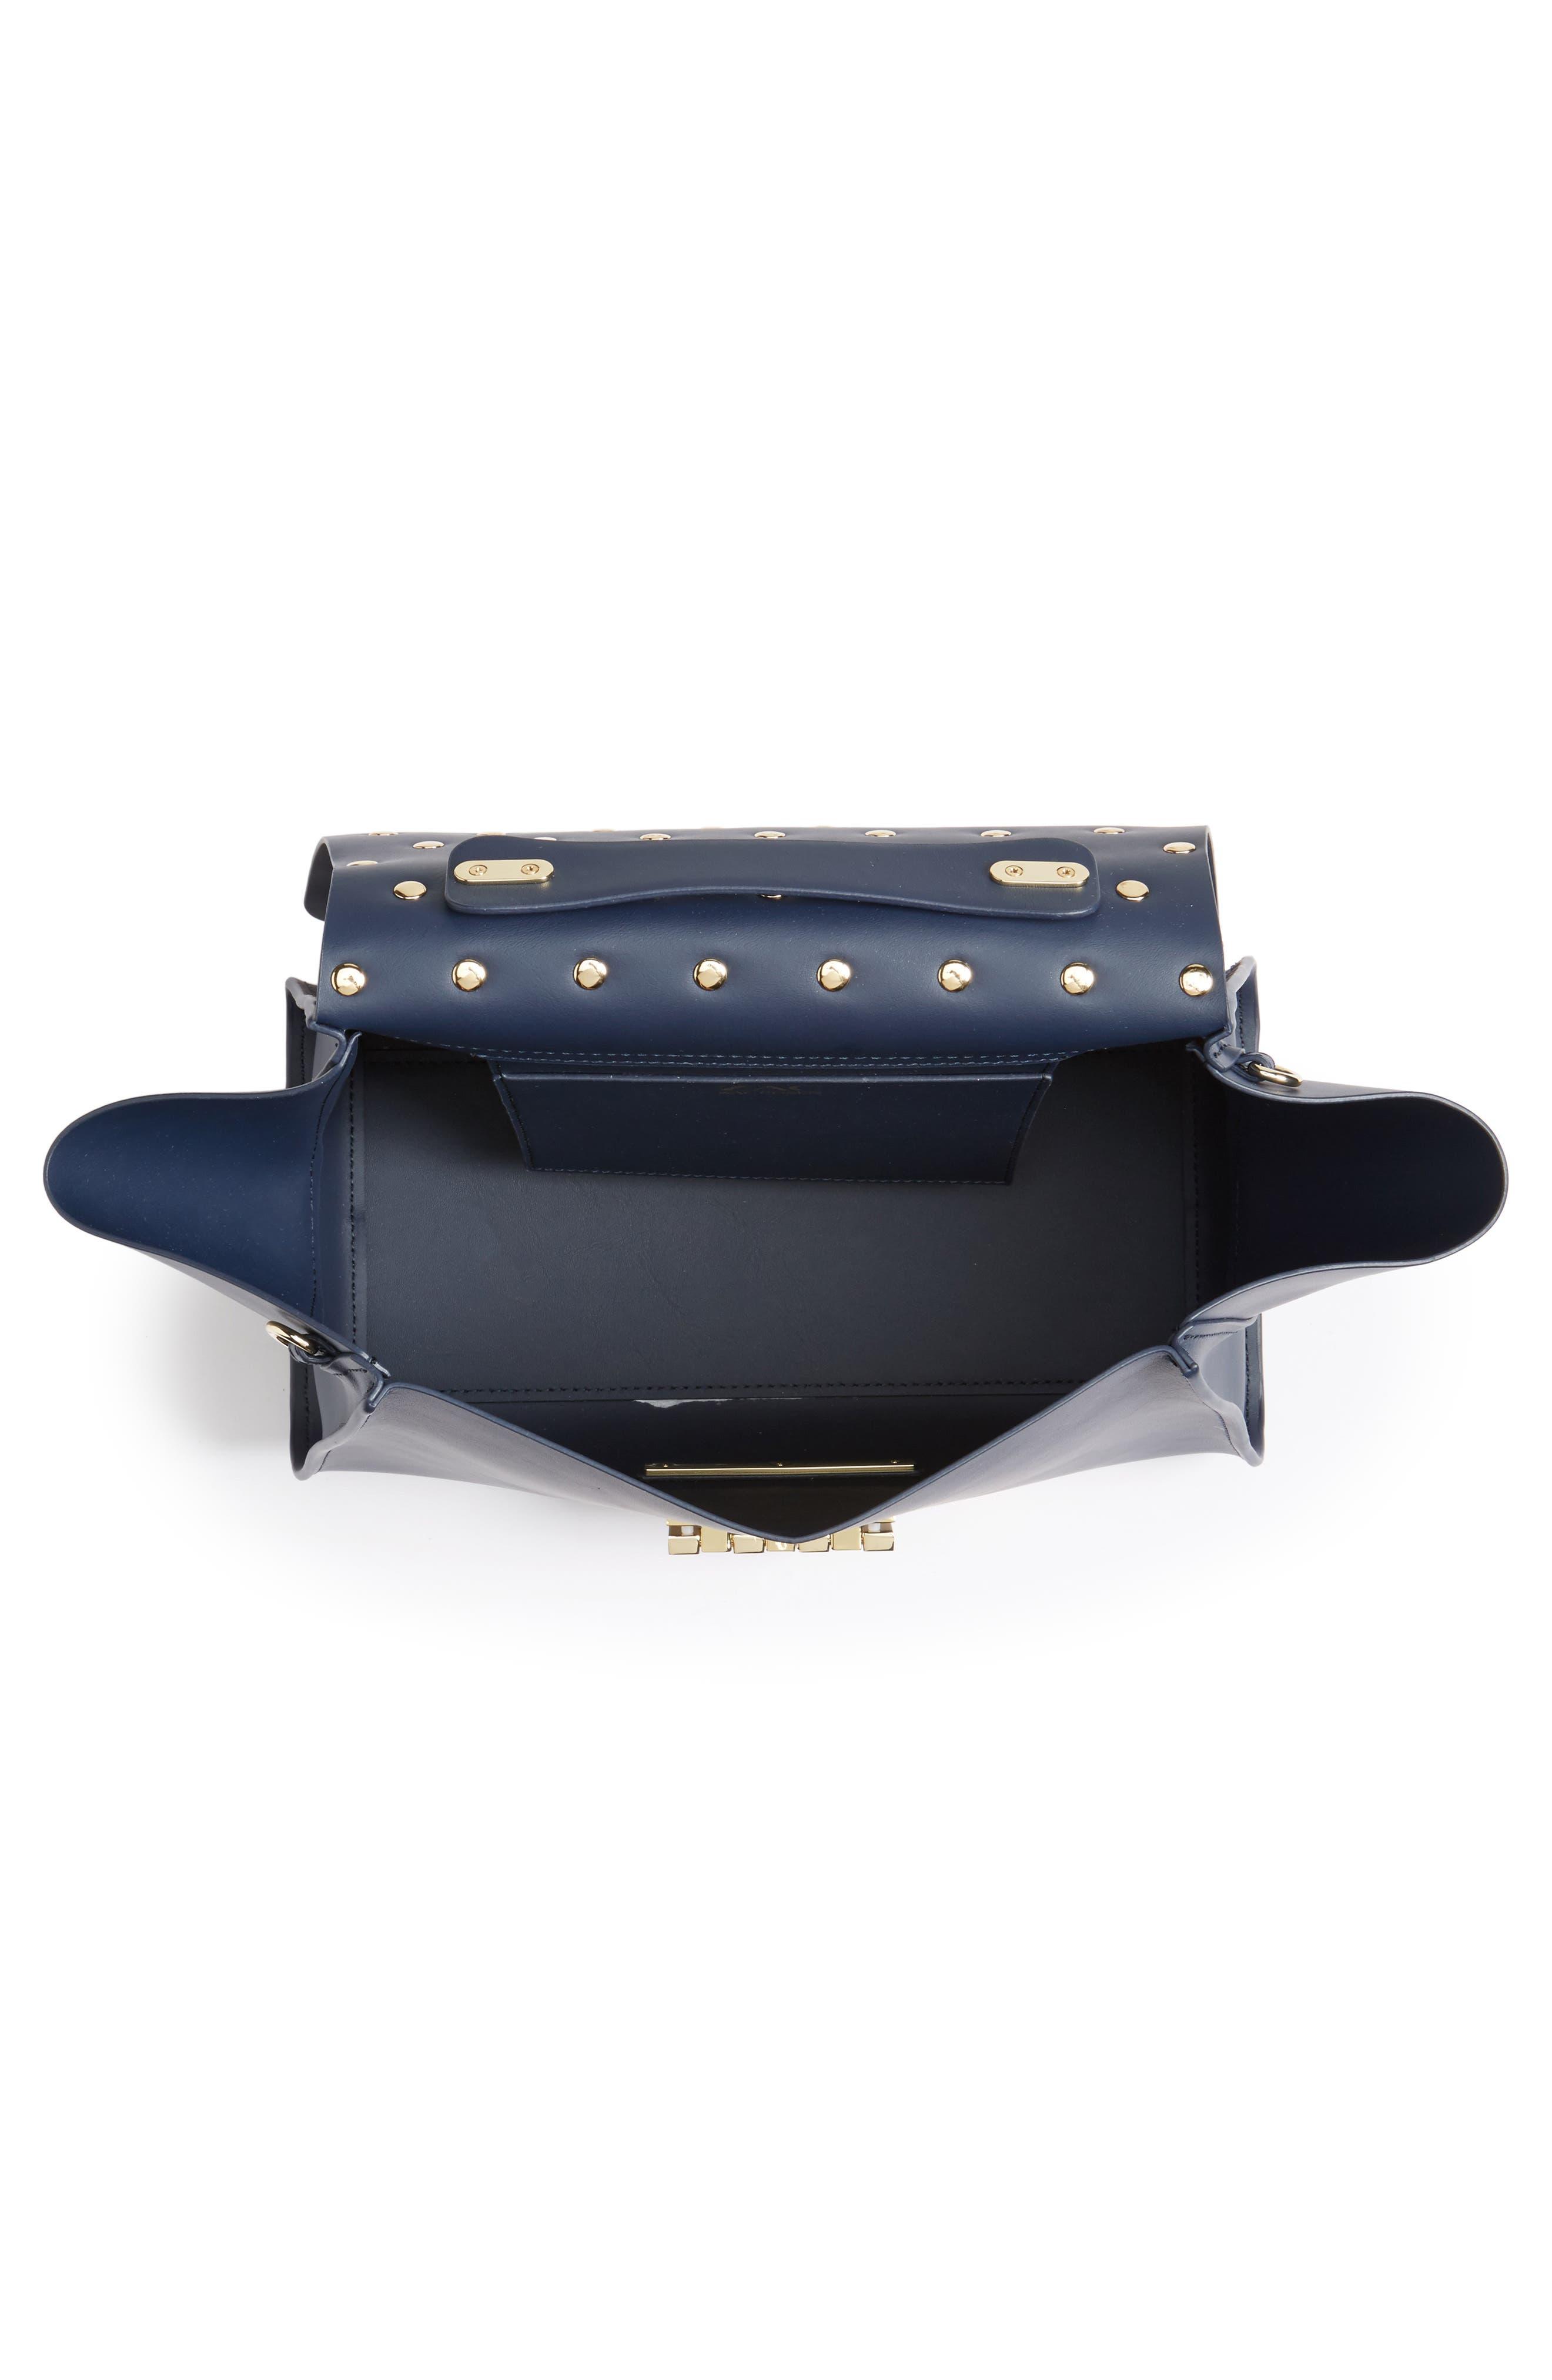 Alternate Image 3  - ZAC Zac Posen Eartha Iconic Leather Top Handle Satchel